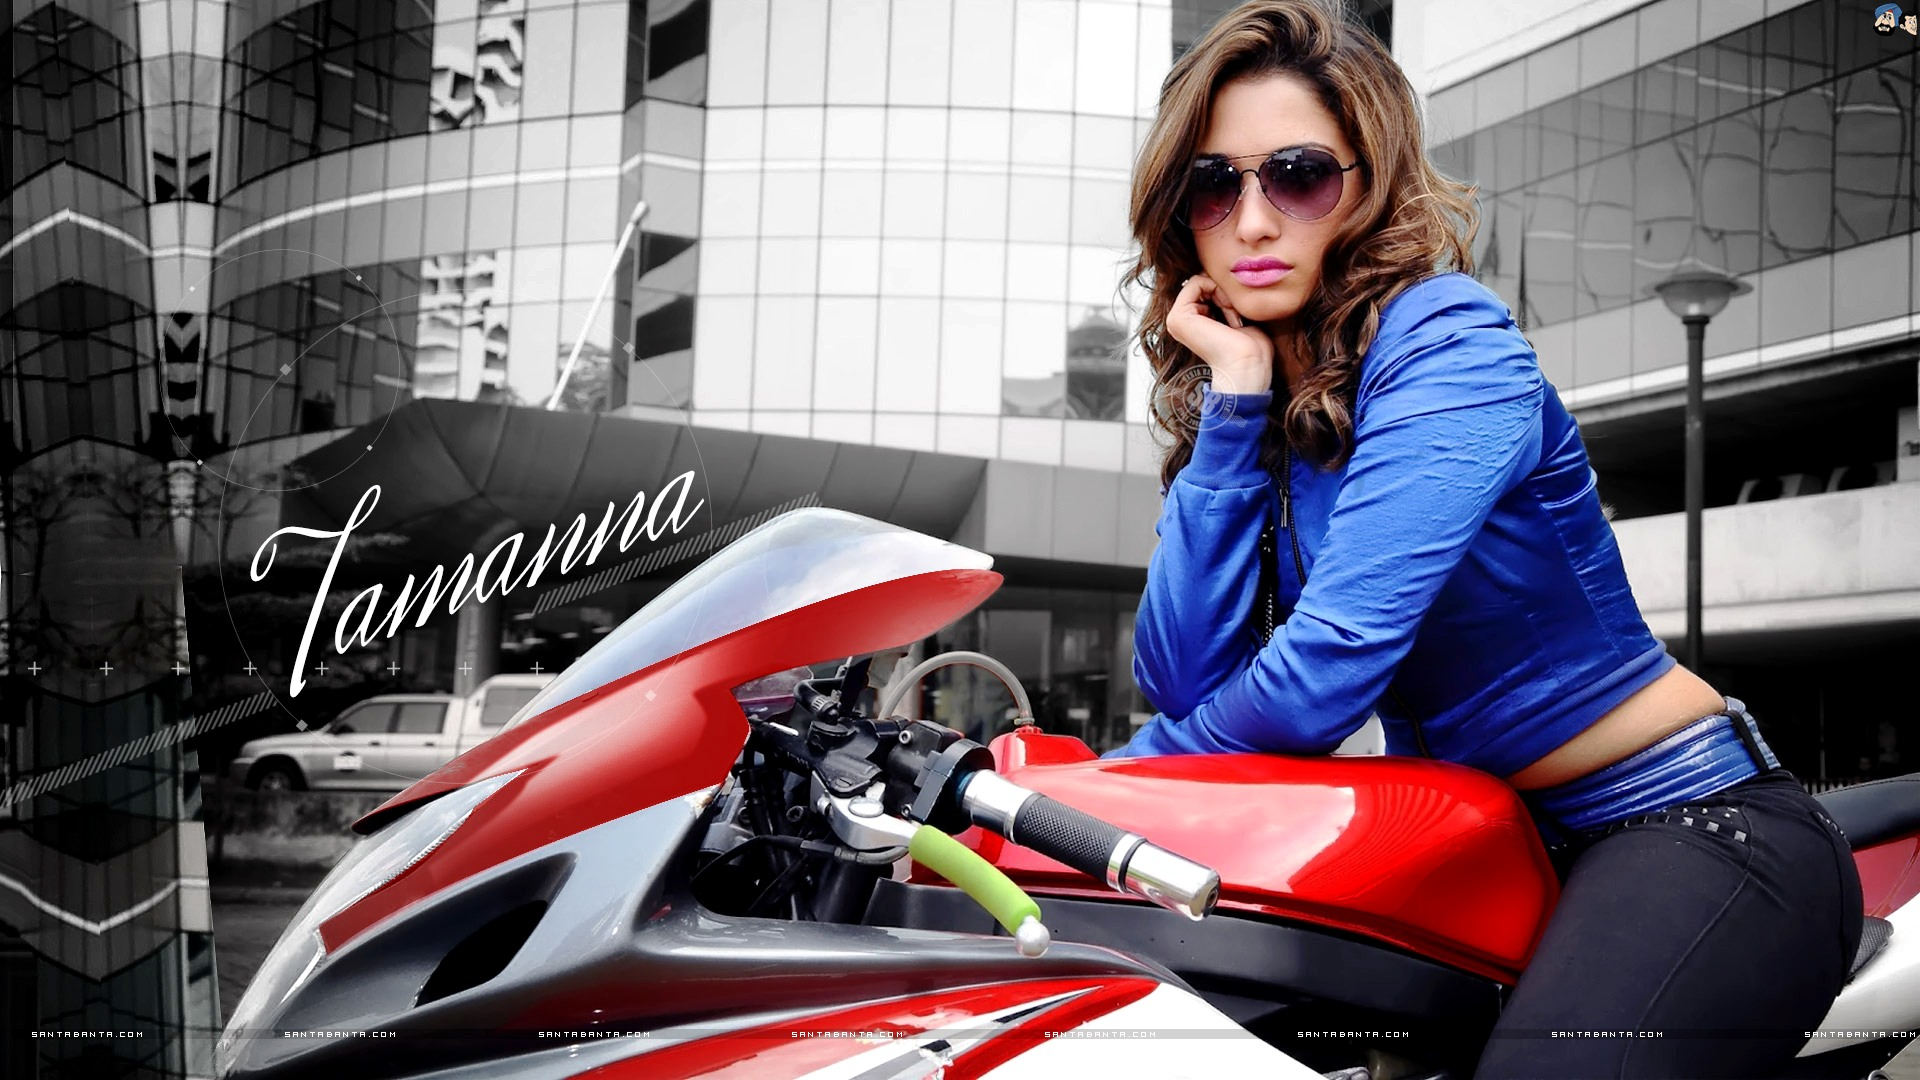 Tamanna Bhatia Bollywood Actress 2015 Tamanna Bhatia Bollywood 1920x1080